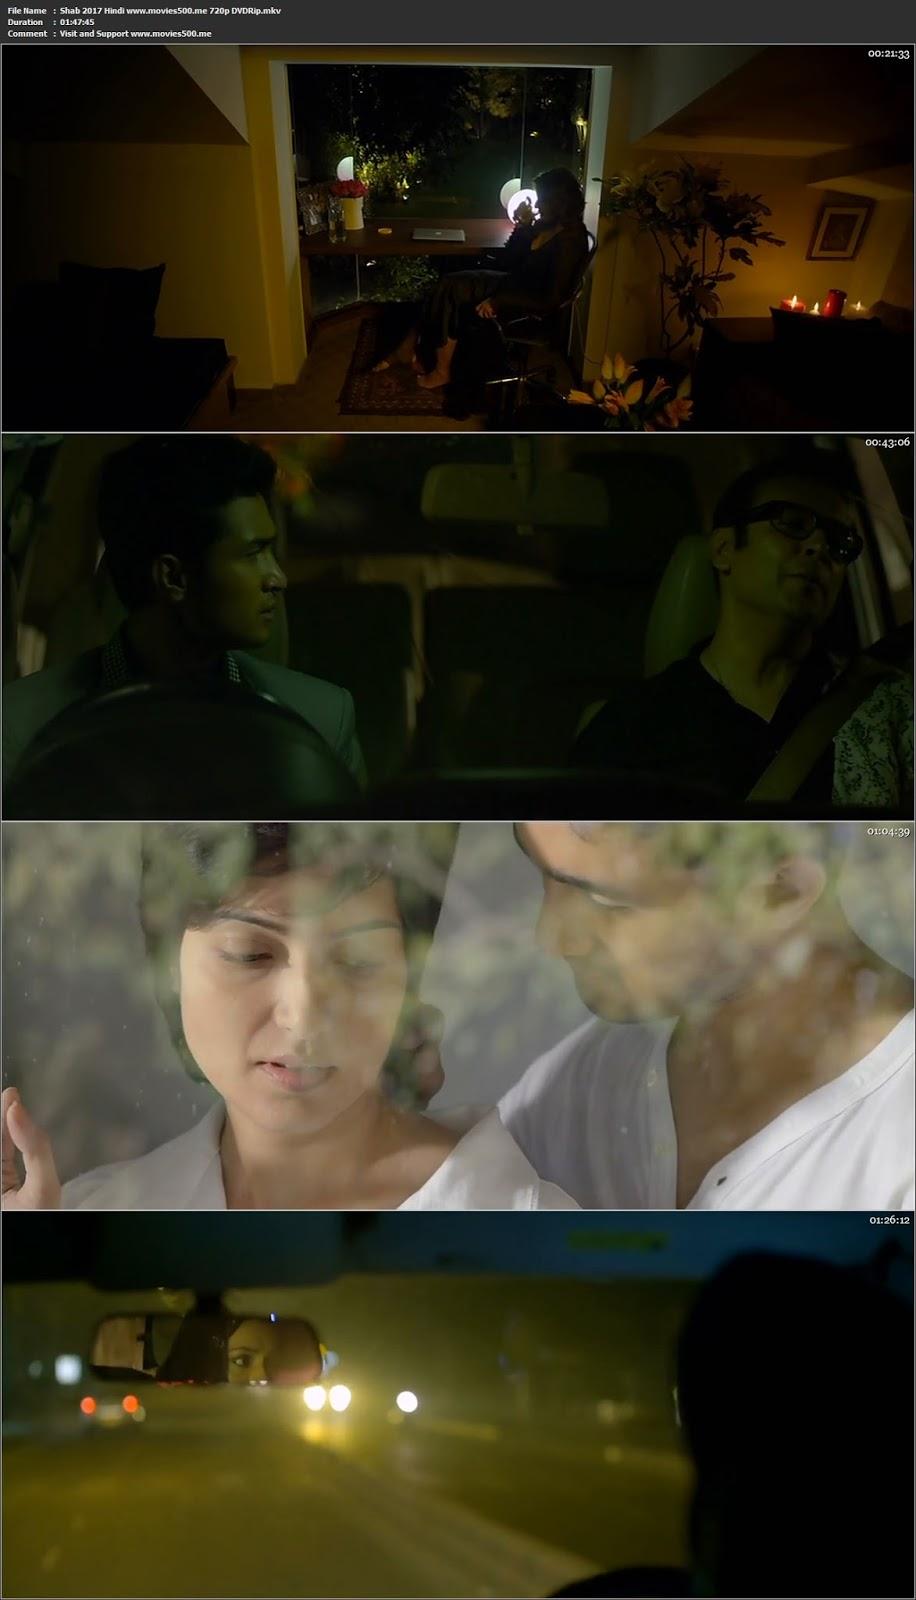 Shab 2017 Hindi Full Movie 800MB DVDRip 720p at softwaresonly.com